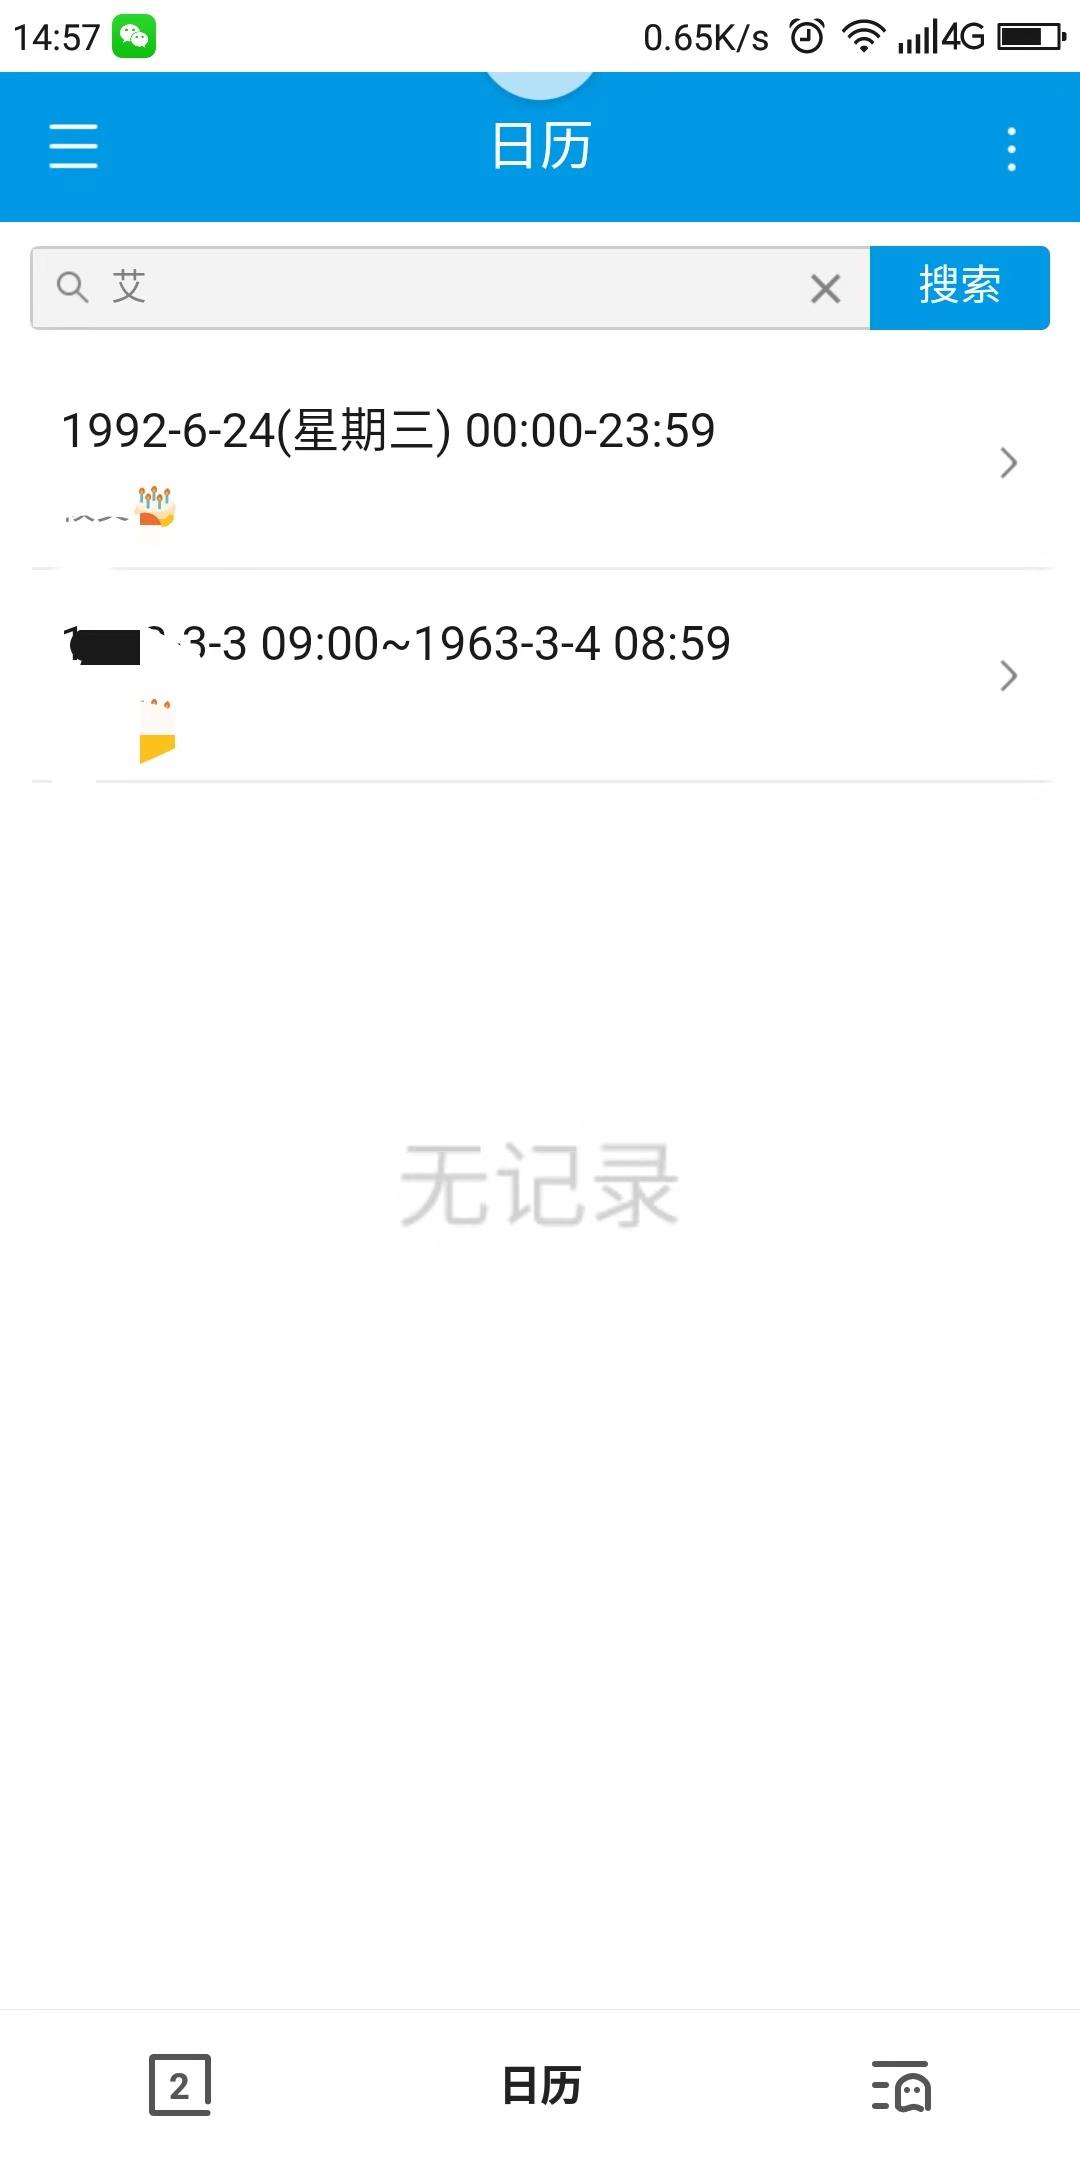 微信图片_20181121151117.jpg